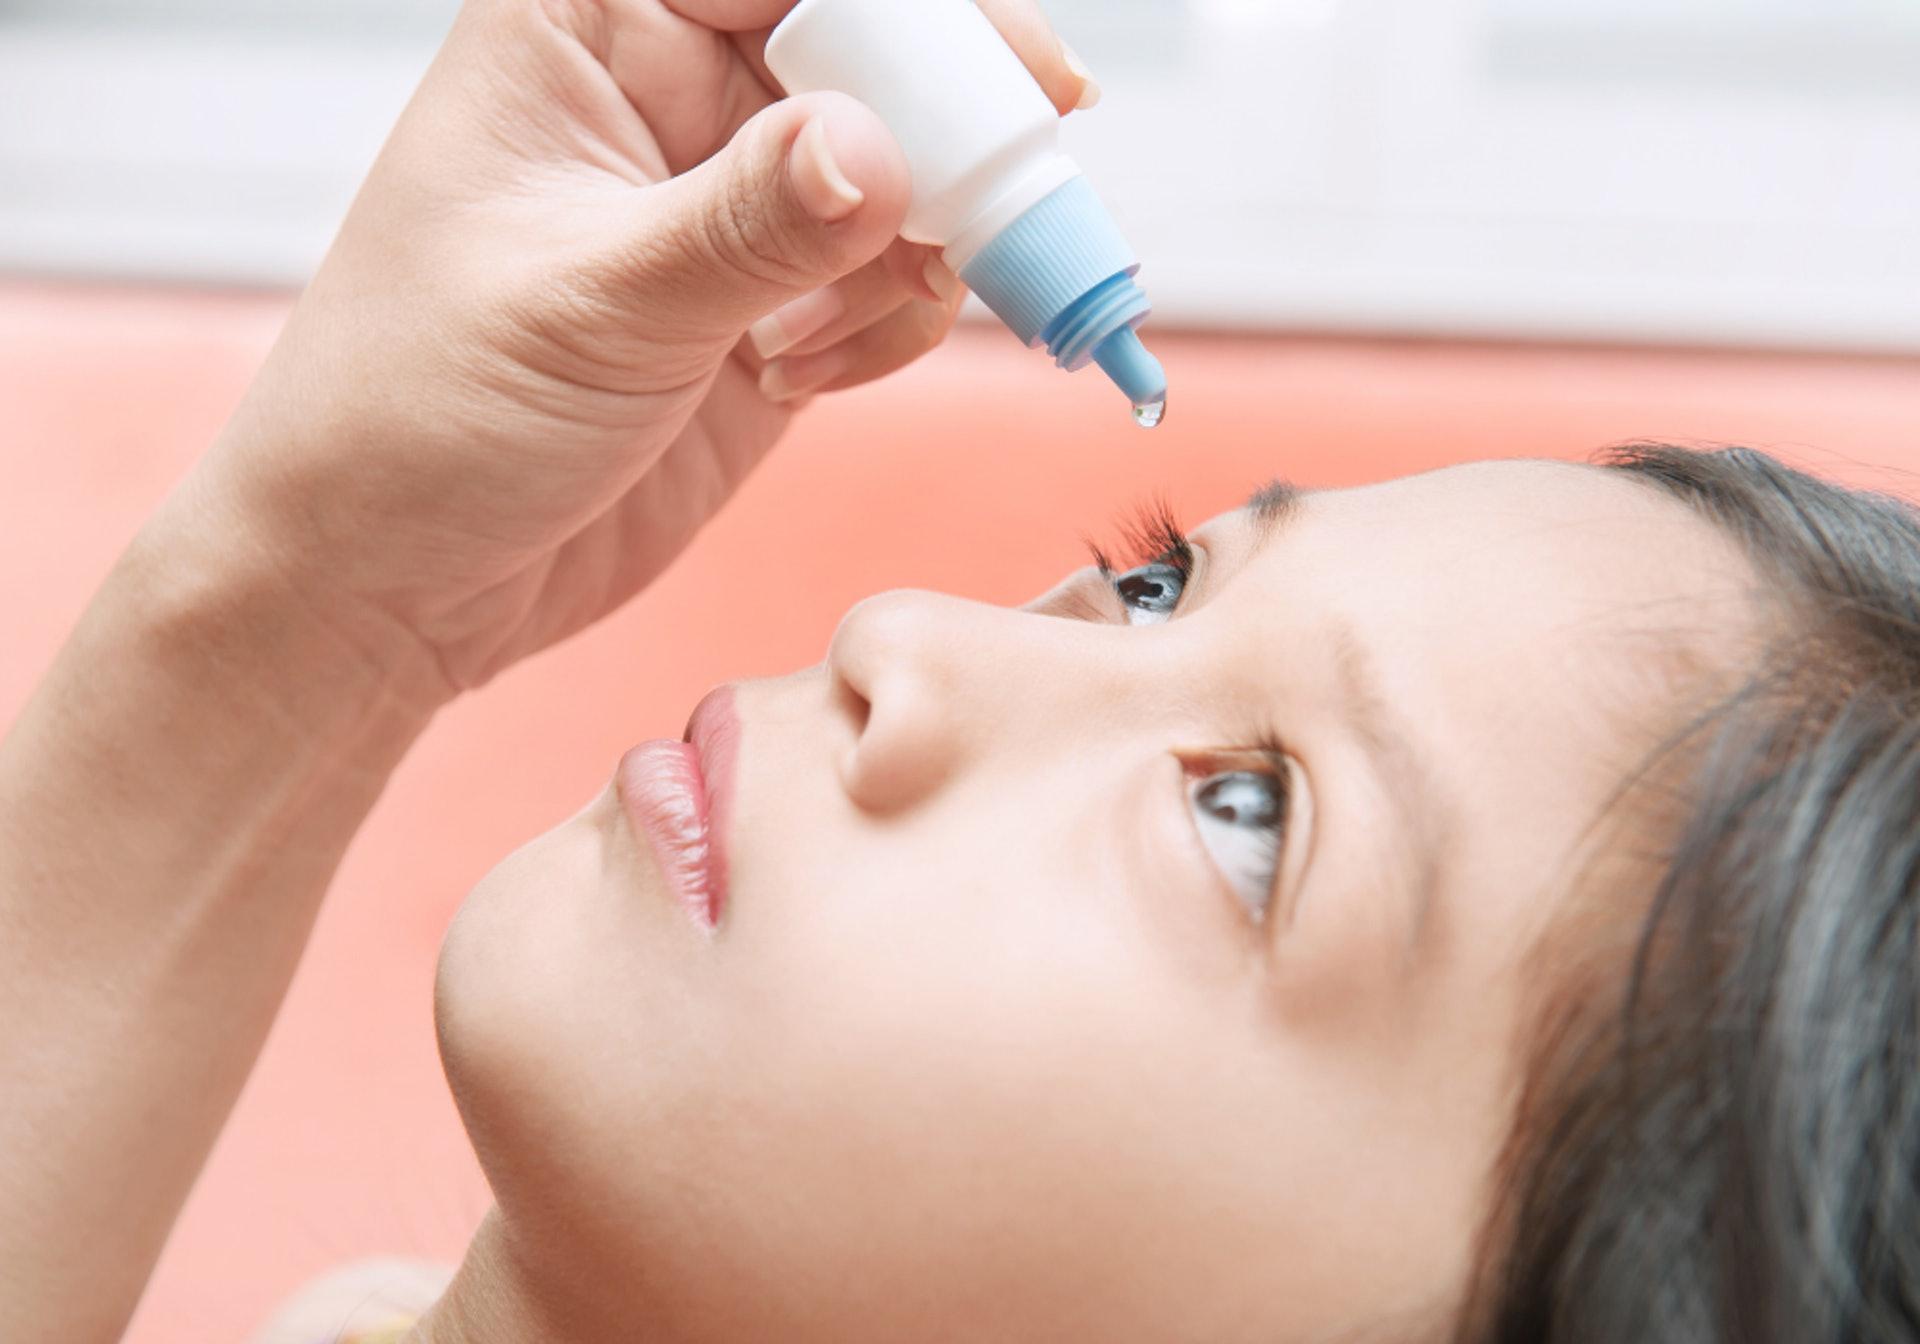 植睫毛有可能會引起眼表面敏感、結膜發炎或角膜潰瘍。(圖片:canva.com )